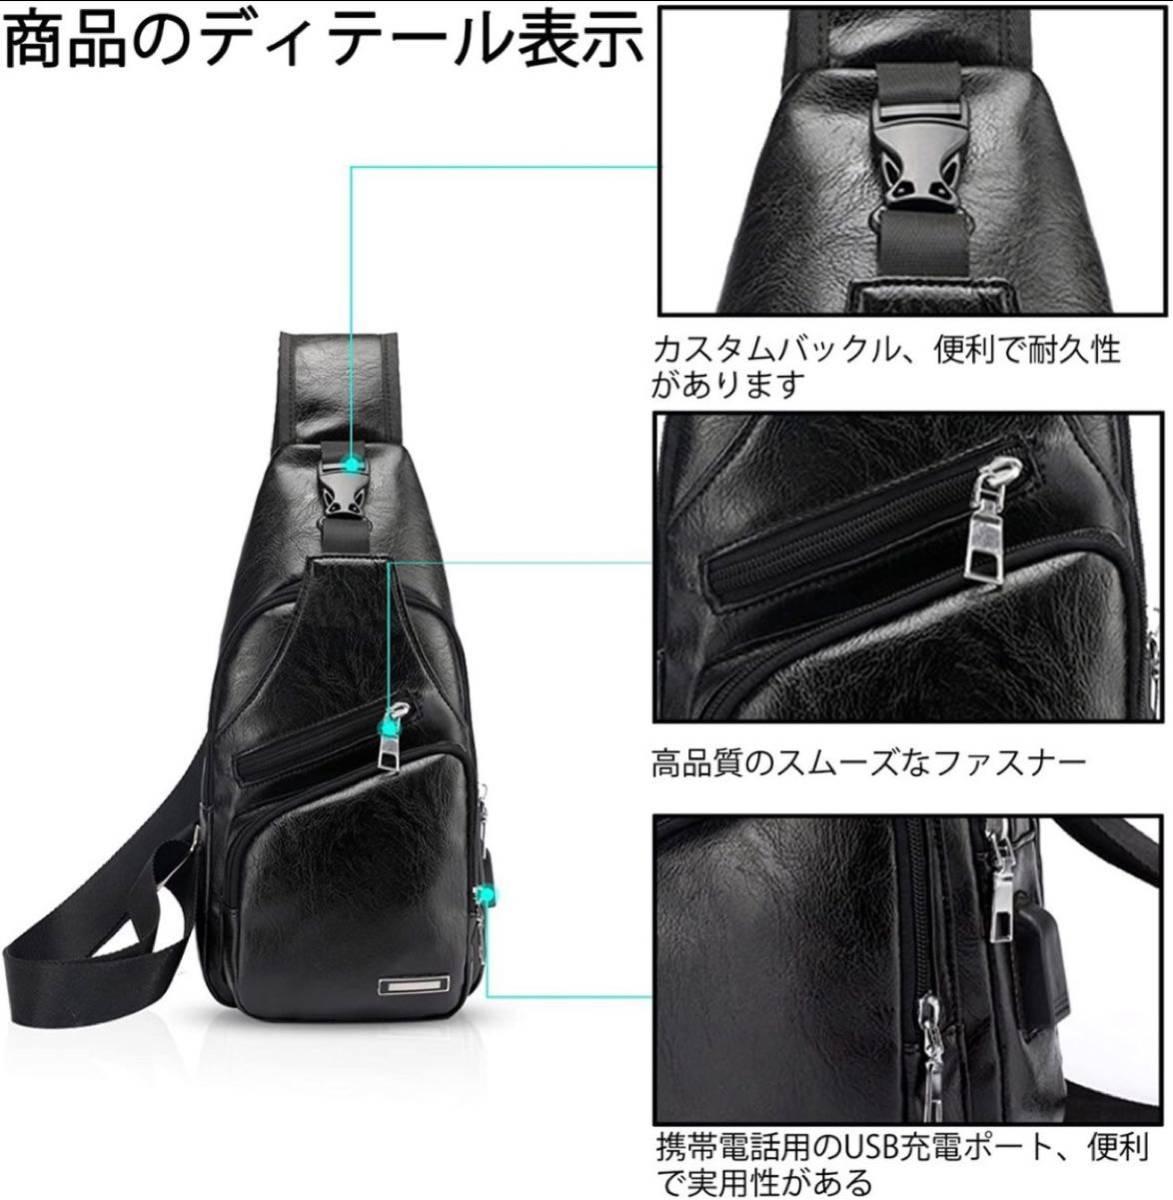 ボディバッグ ショルダーバッグ メンズ 斜め掛けバッグ USBポート搭載  軽量 多機能 大容量